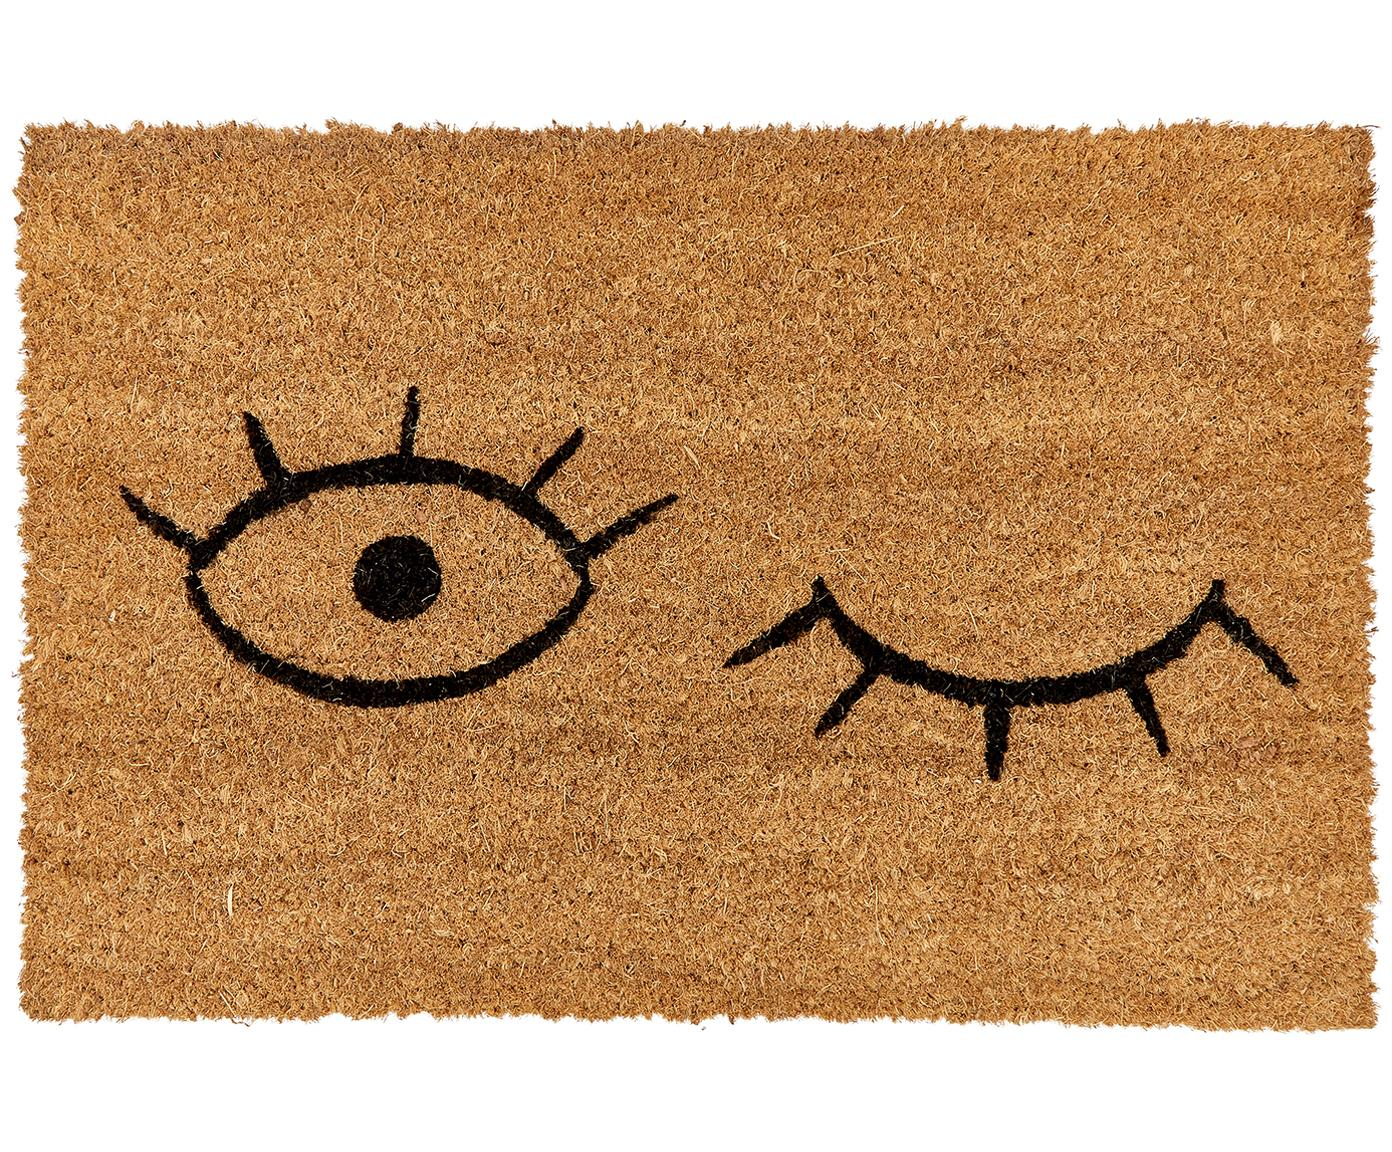 Fußmatte Wink, Flor: Kokosfaser, Flor: Beige, Schwarz Rücken: Schwarz, 40 x 60 cm